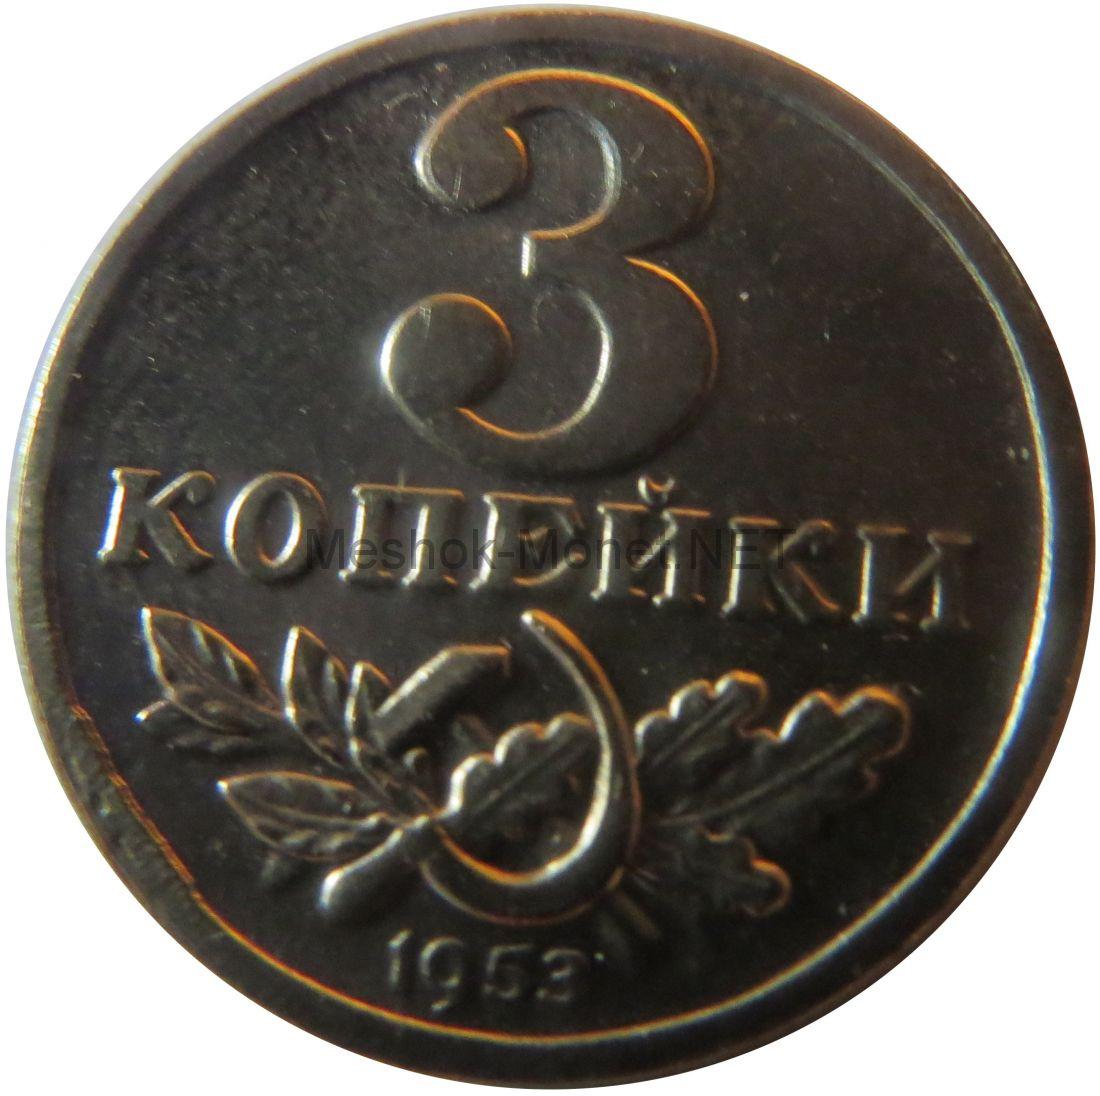 Копия монеты 3 копейки 1953 года. пробные СССР. Серп и молот. Гурт гладкий